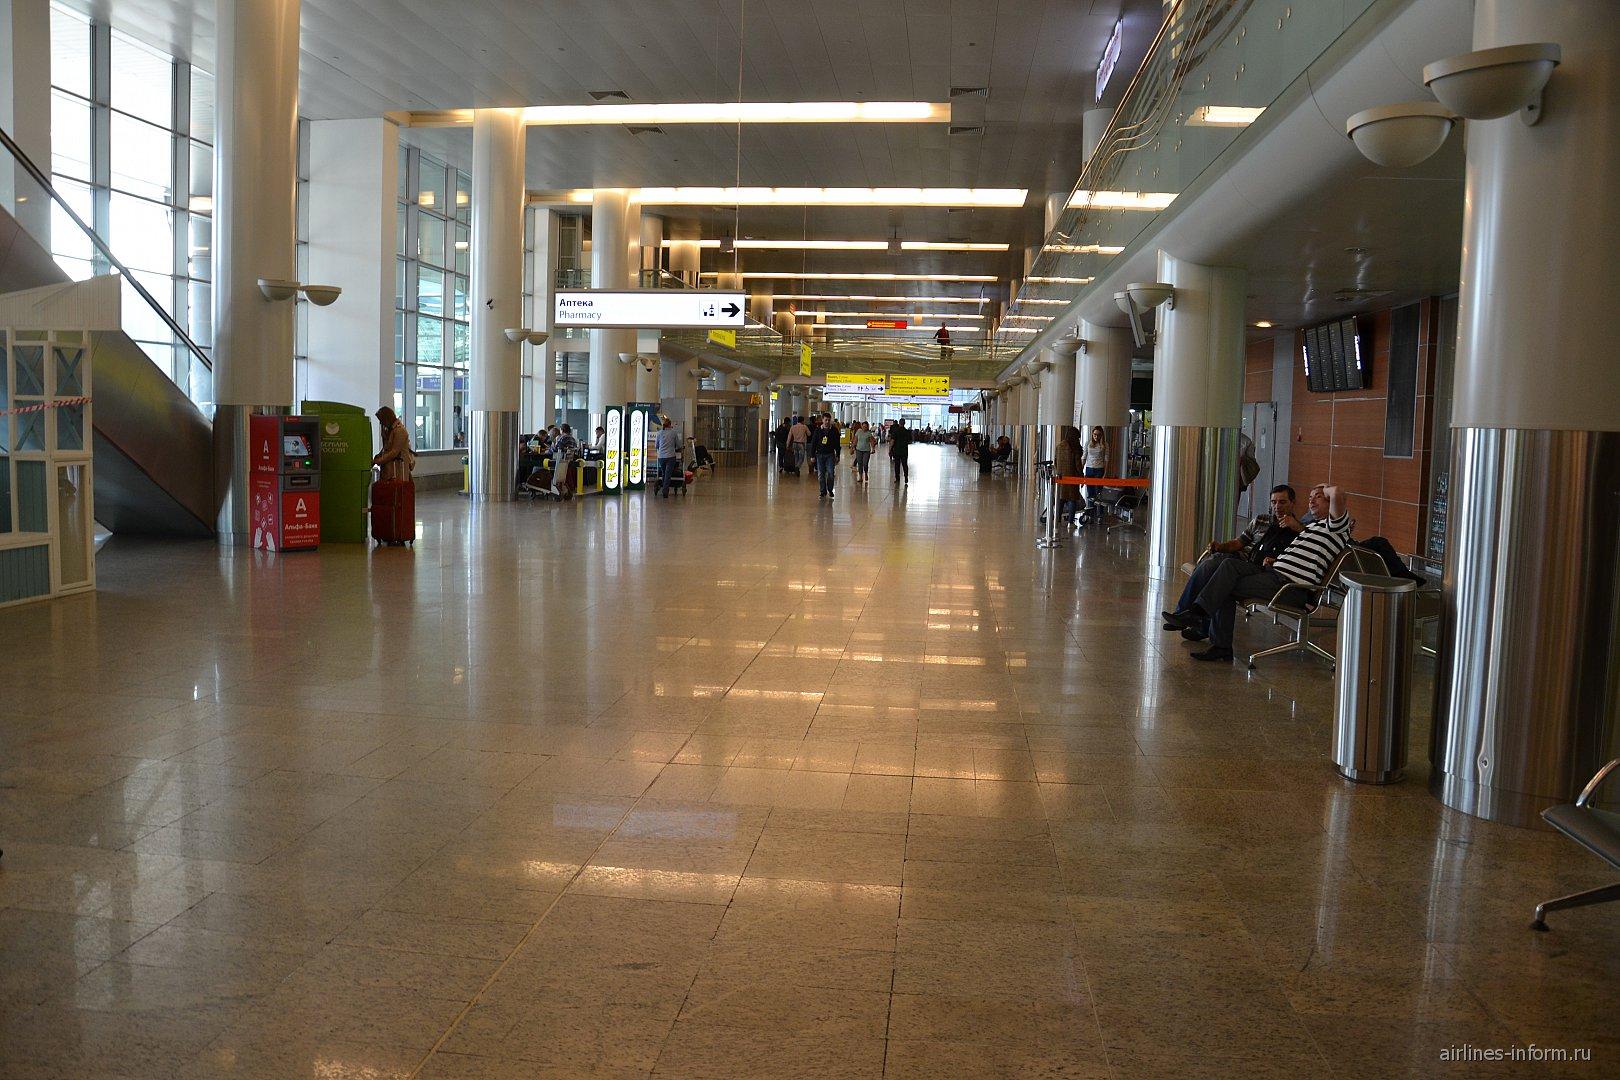 Зал прилета в терминале D аэропорта Шереметьево